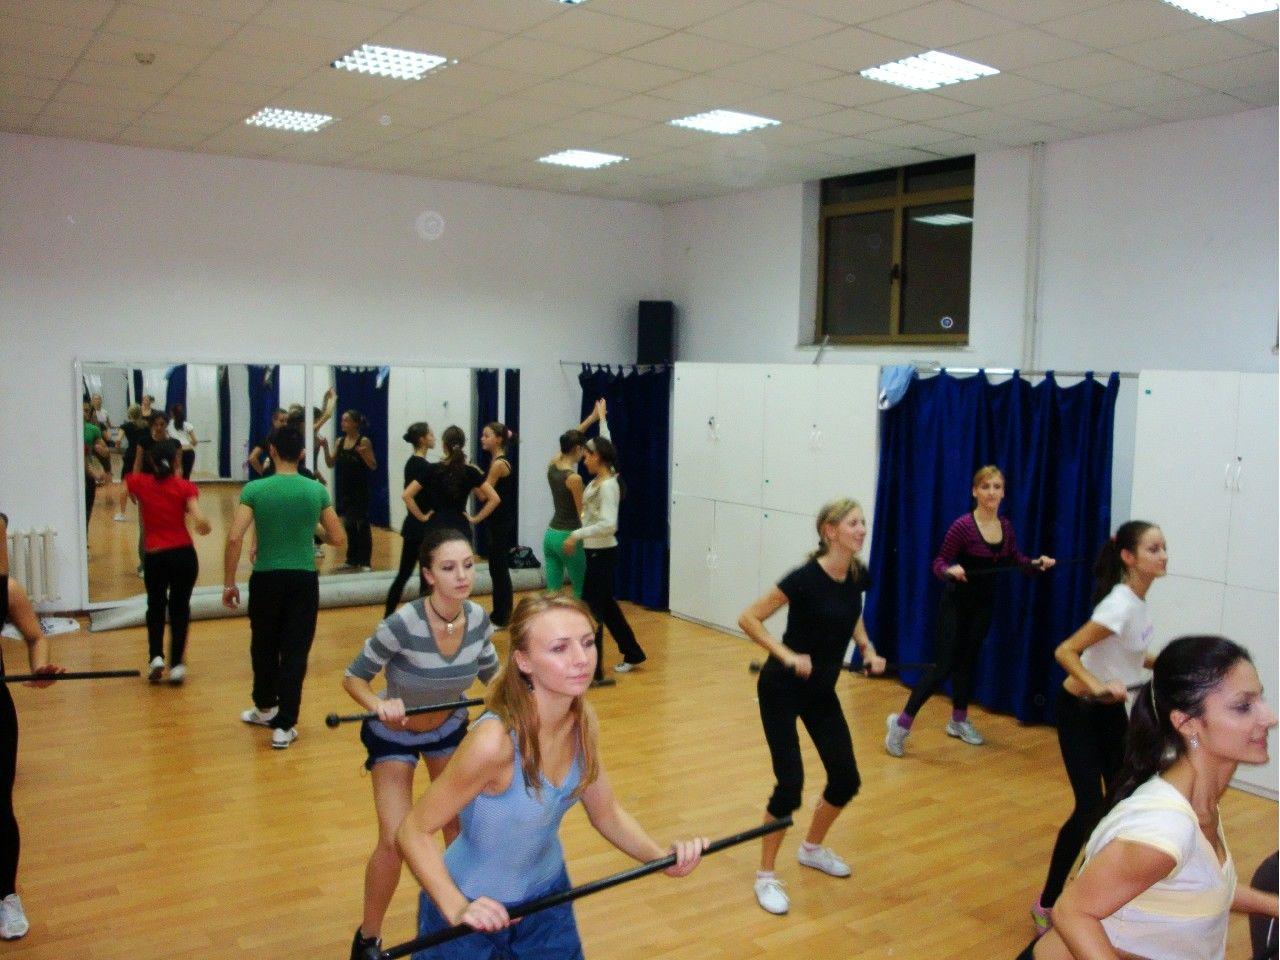 Trupa de Dans si Entertainment The Sky Iasi by Adrian Stefan Cursuri de Dans adulti 85 preselectii dansatori